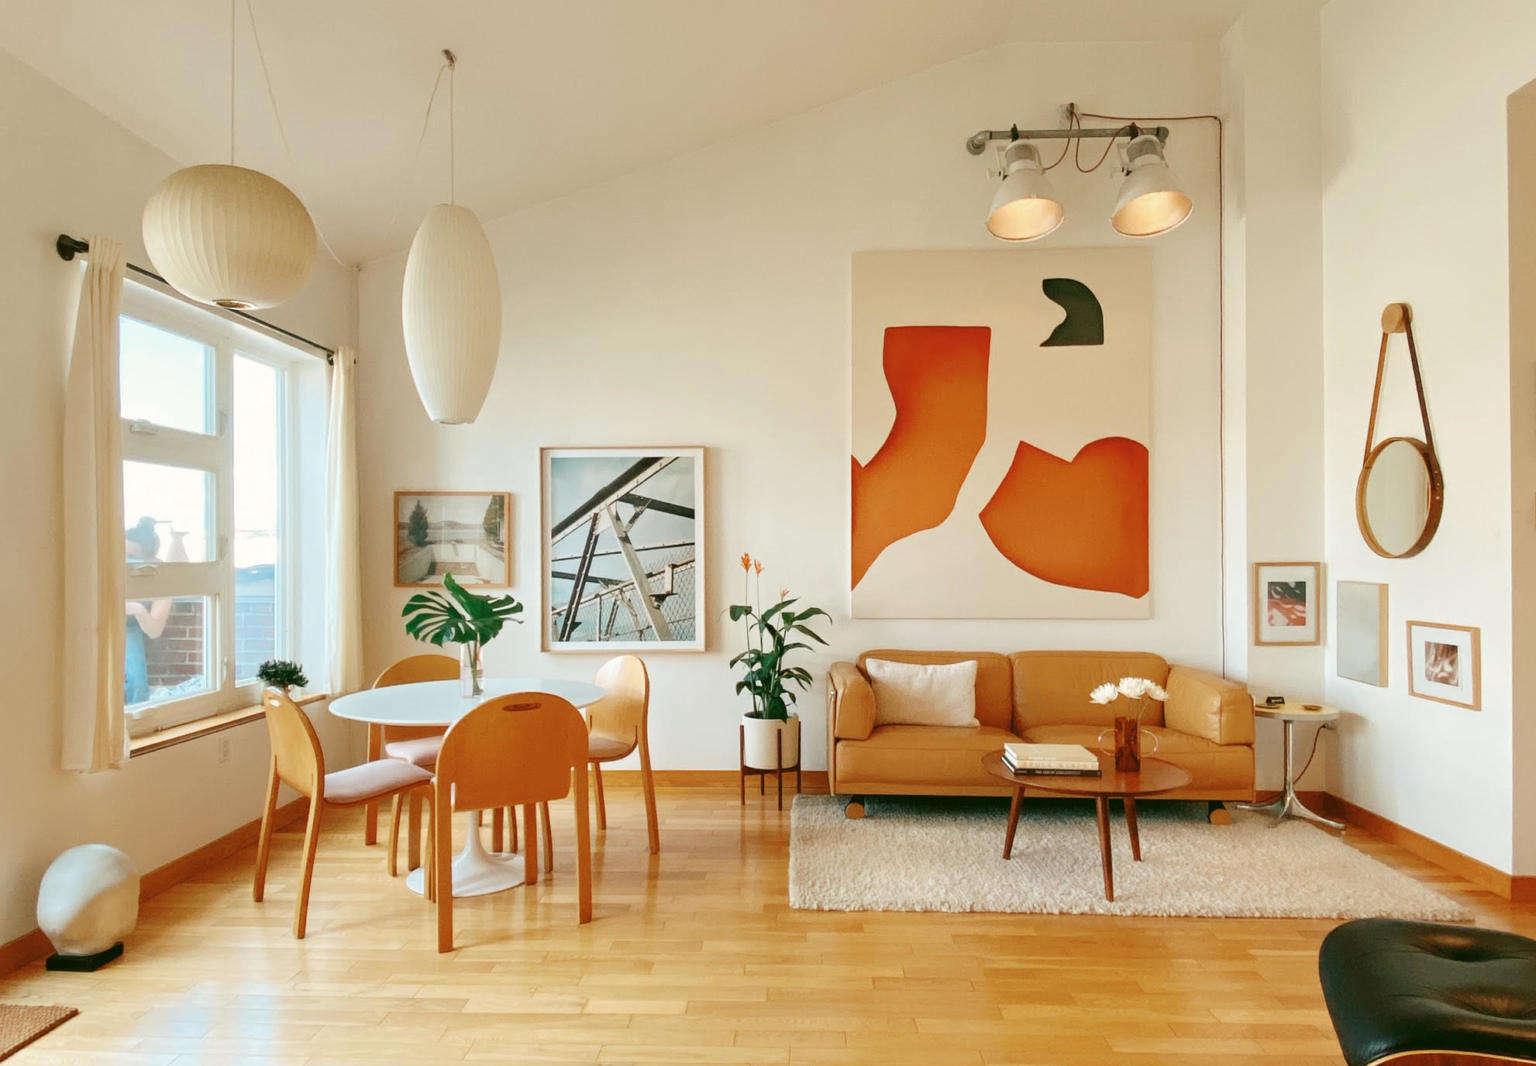 clement pascal bushwick apartment 1536x1066